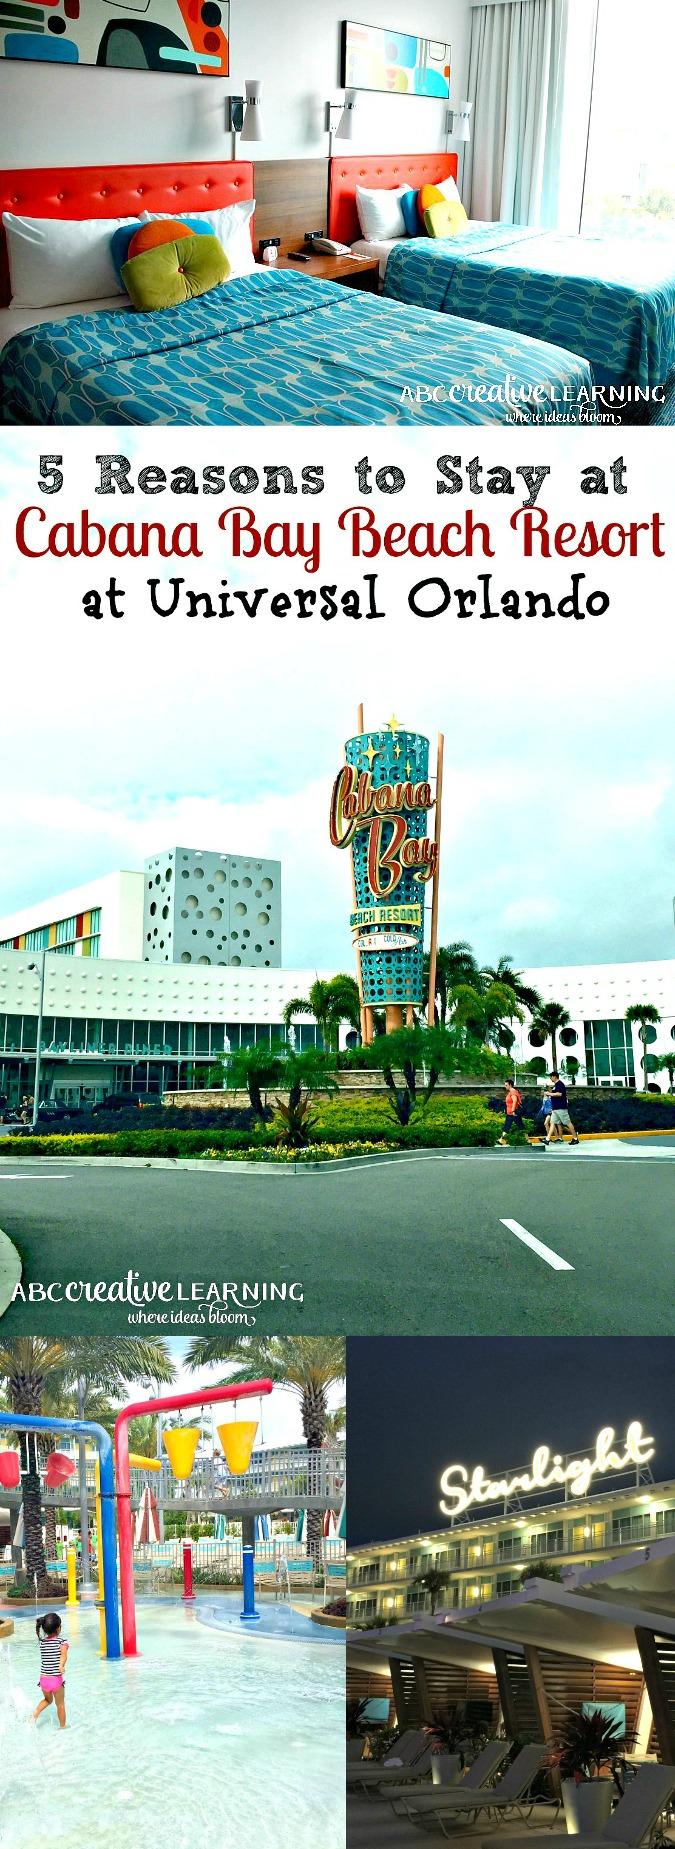 5 Reasons to Stay at Cabana Bay Beach Resort at Universal Orlando Resorts Florida - simplytodaylife.com